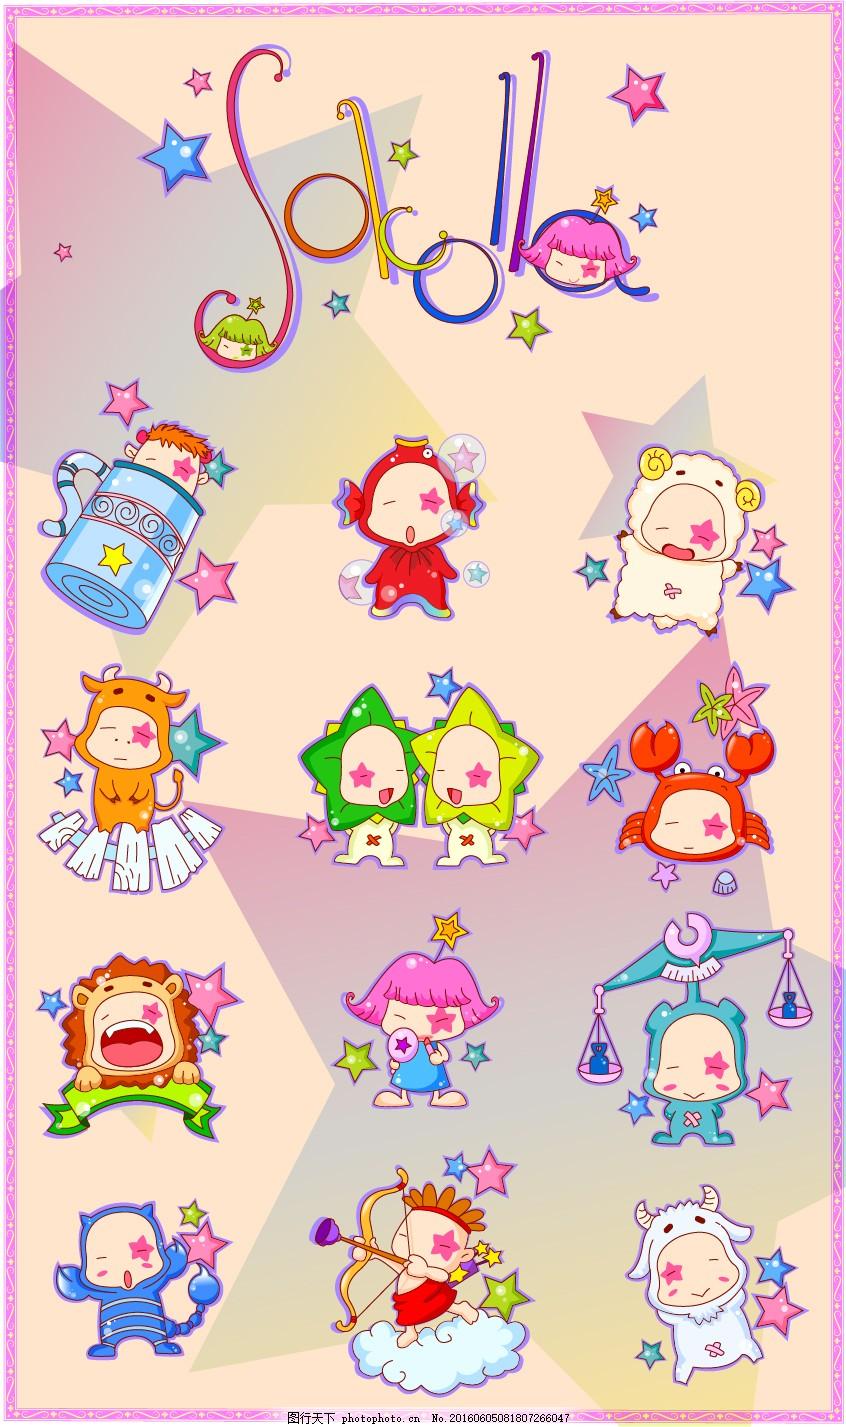 幼儿园卡通动物图案 渐变星星 魔法棒女孩 绵羊 马克杯男孩 螃蟹